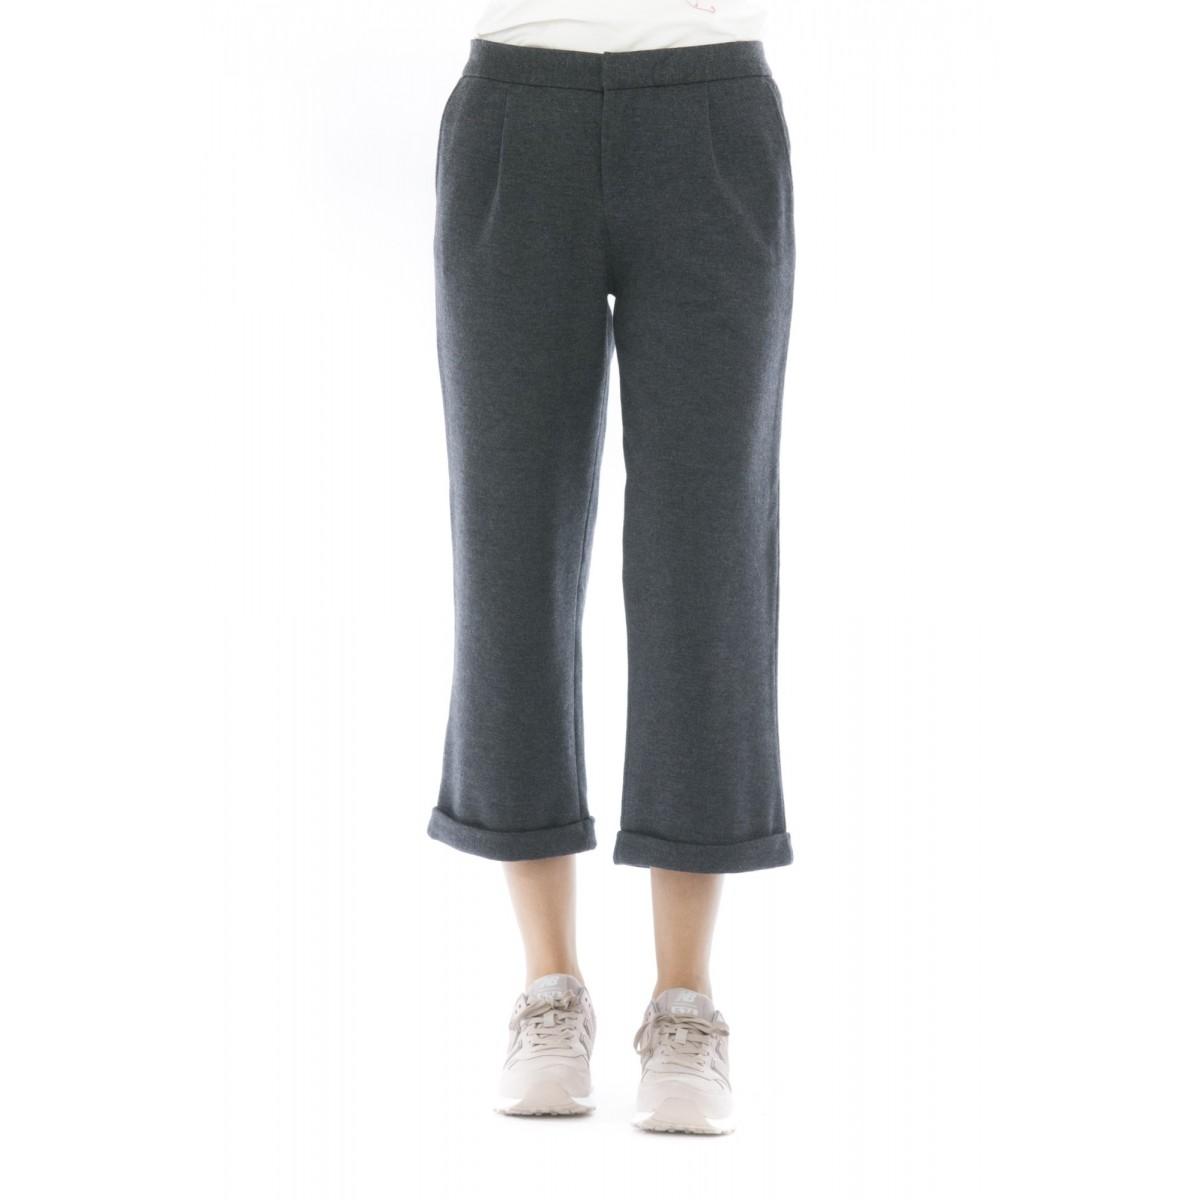 Pants Woman - P28023